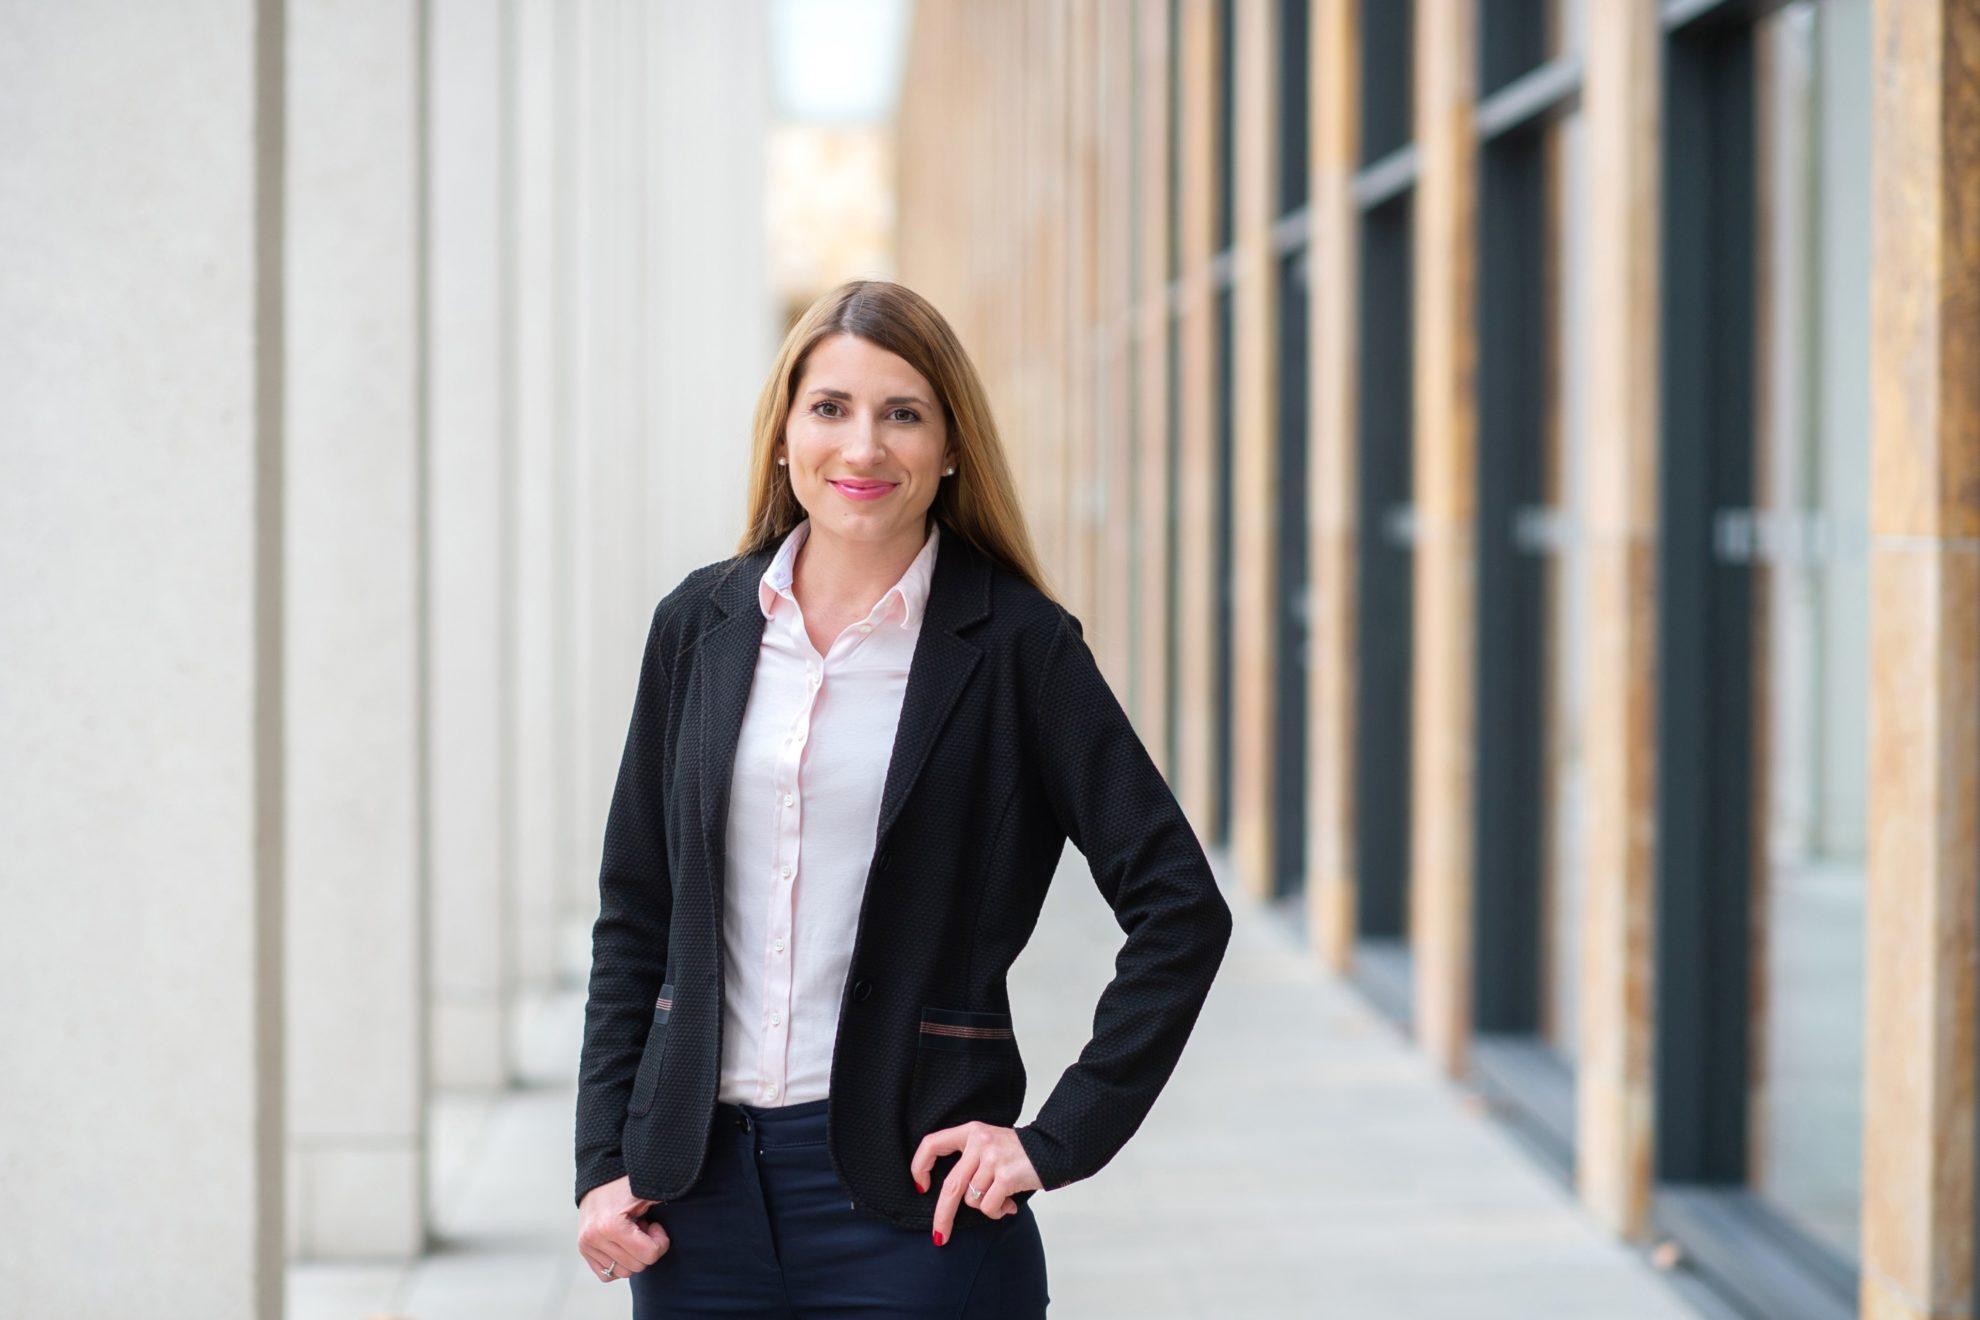 Lea Eckert, Kandidatin für die Wahl zur Stadtverordnetenversammlung am 14.03.2021